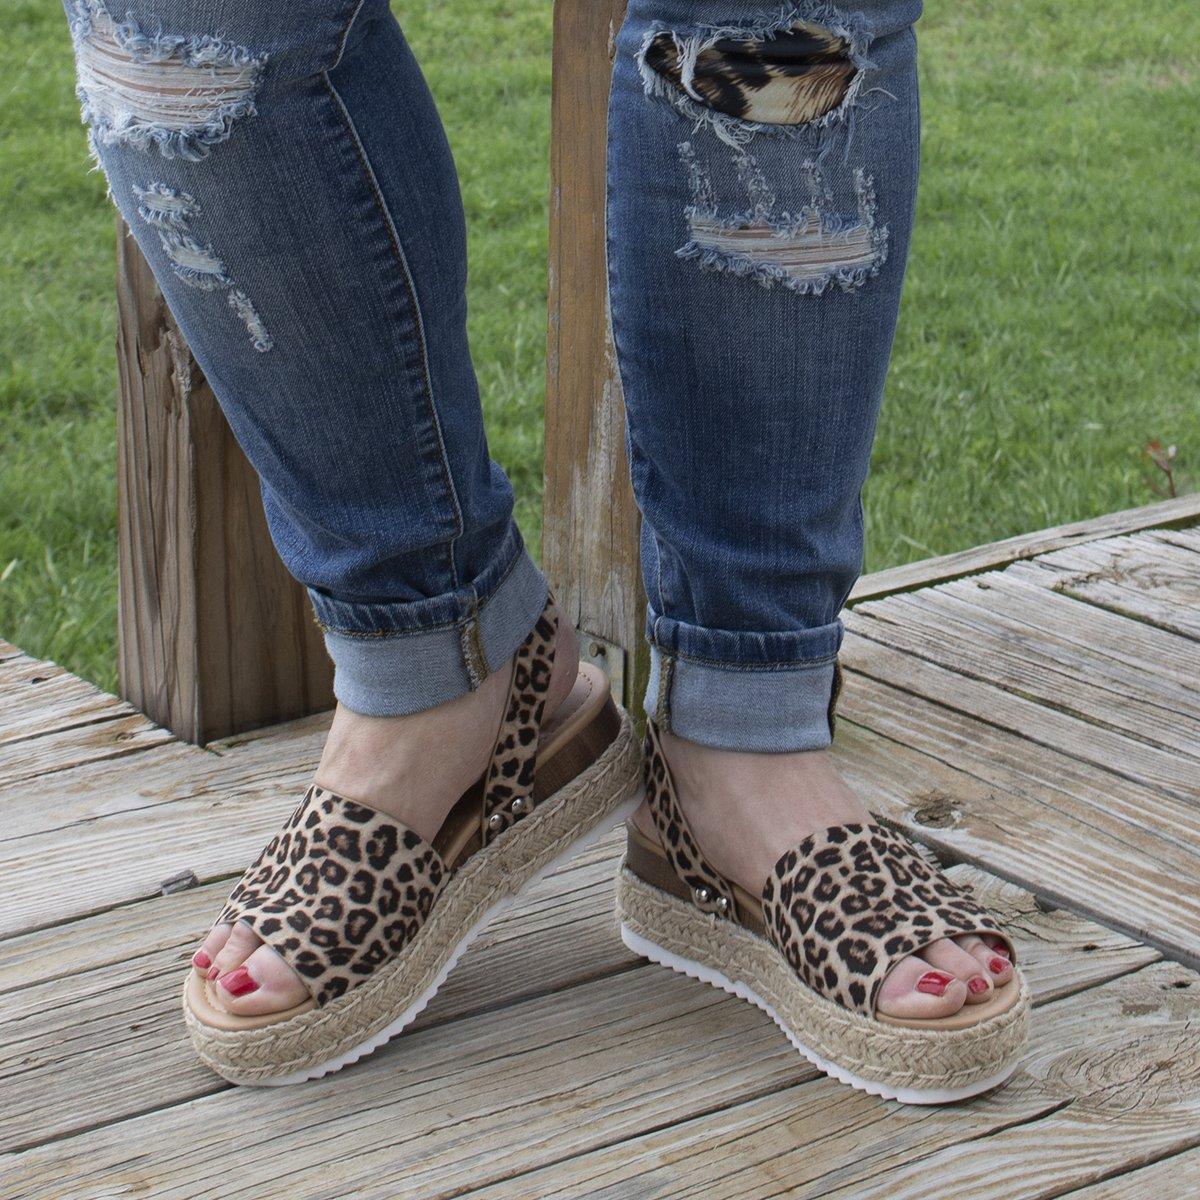 Leopard Platform Sandals by Ccocci